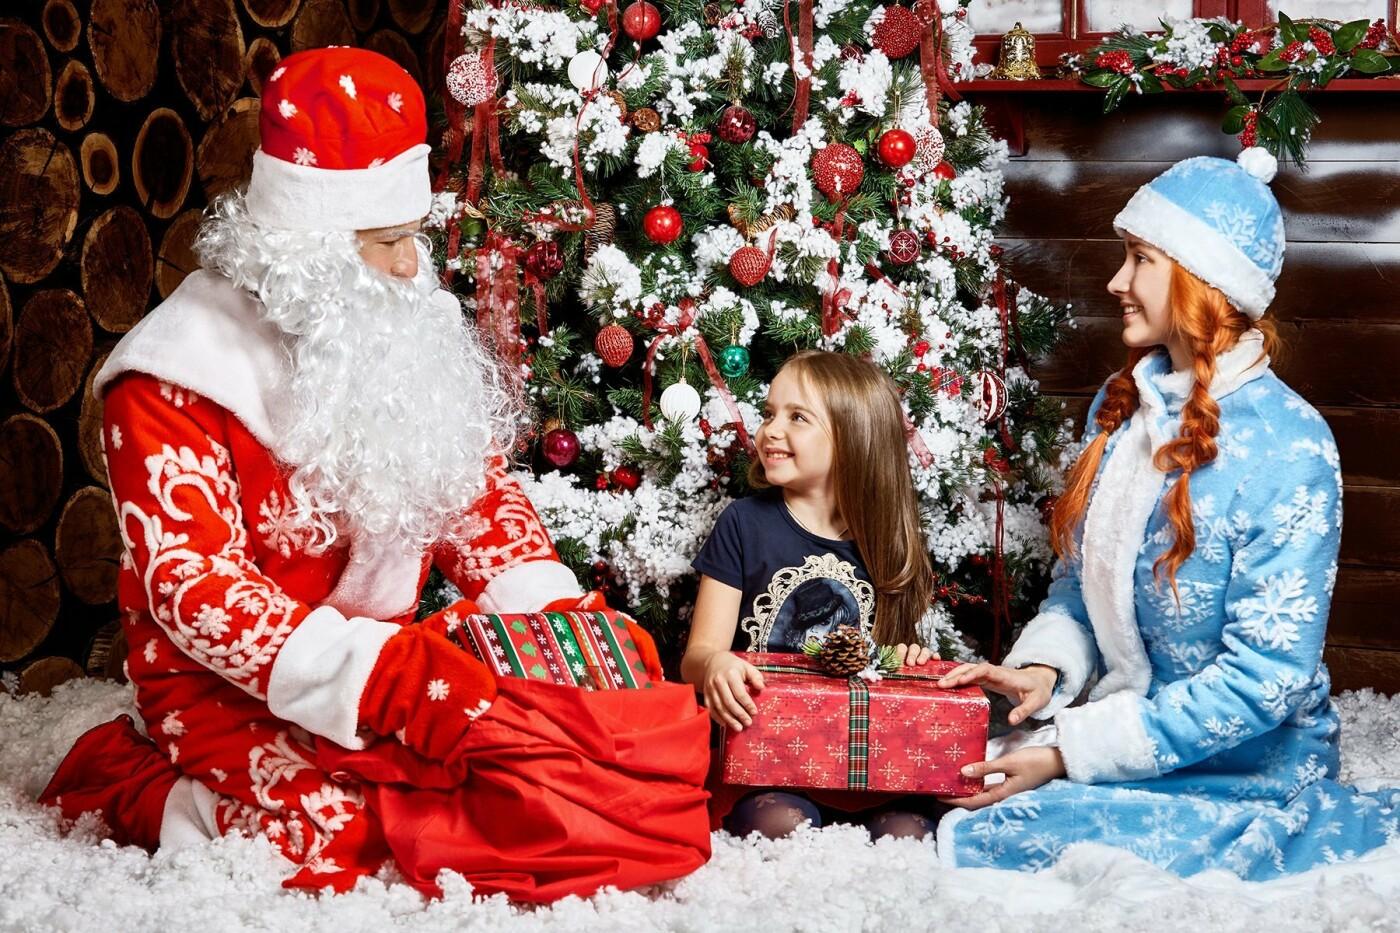 От 15 до 100 тысяч тенге: сколько стоит заказать Деда Мороза и Снегурочку в Алматы?, фото-1